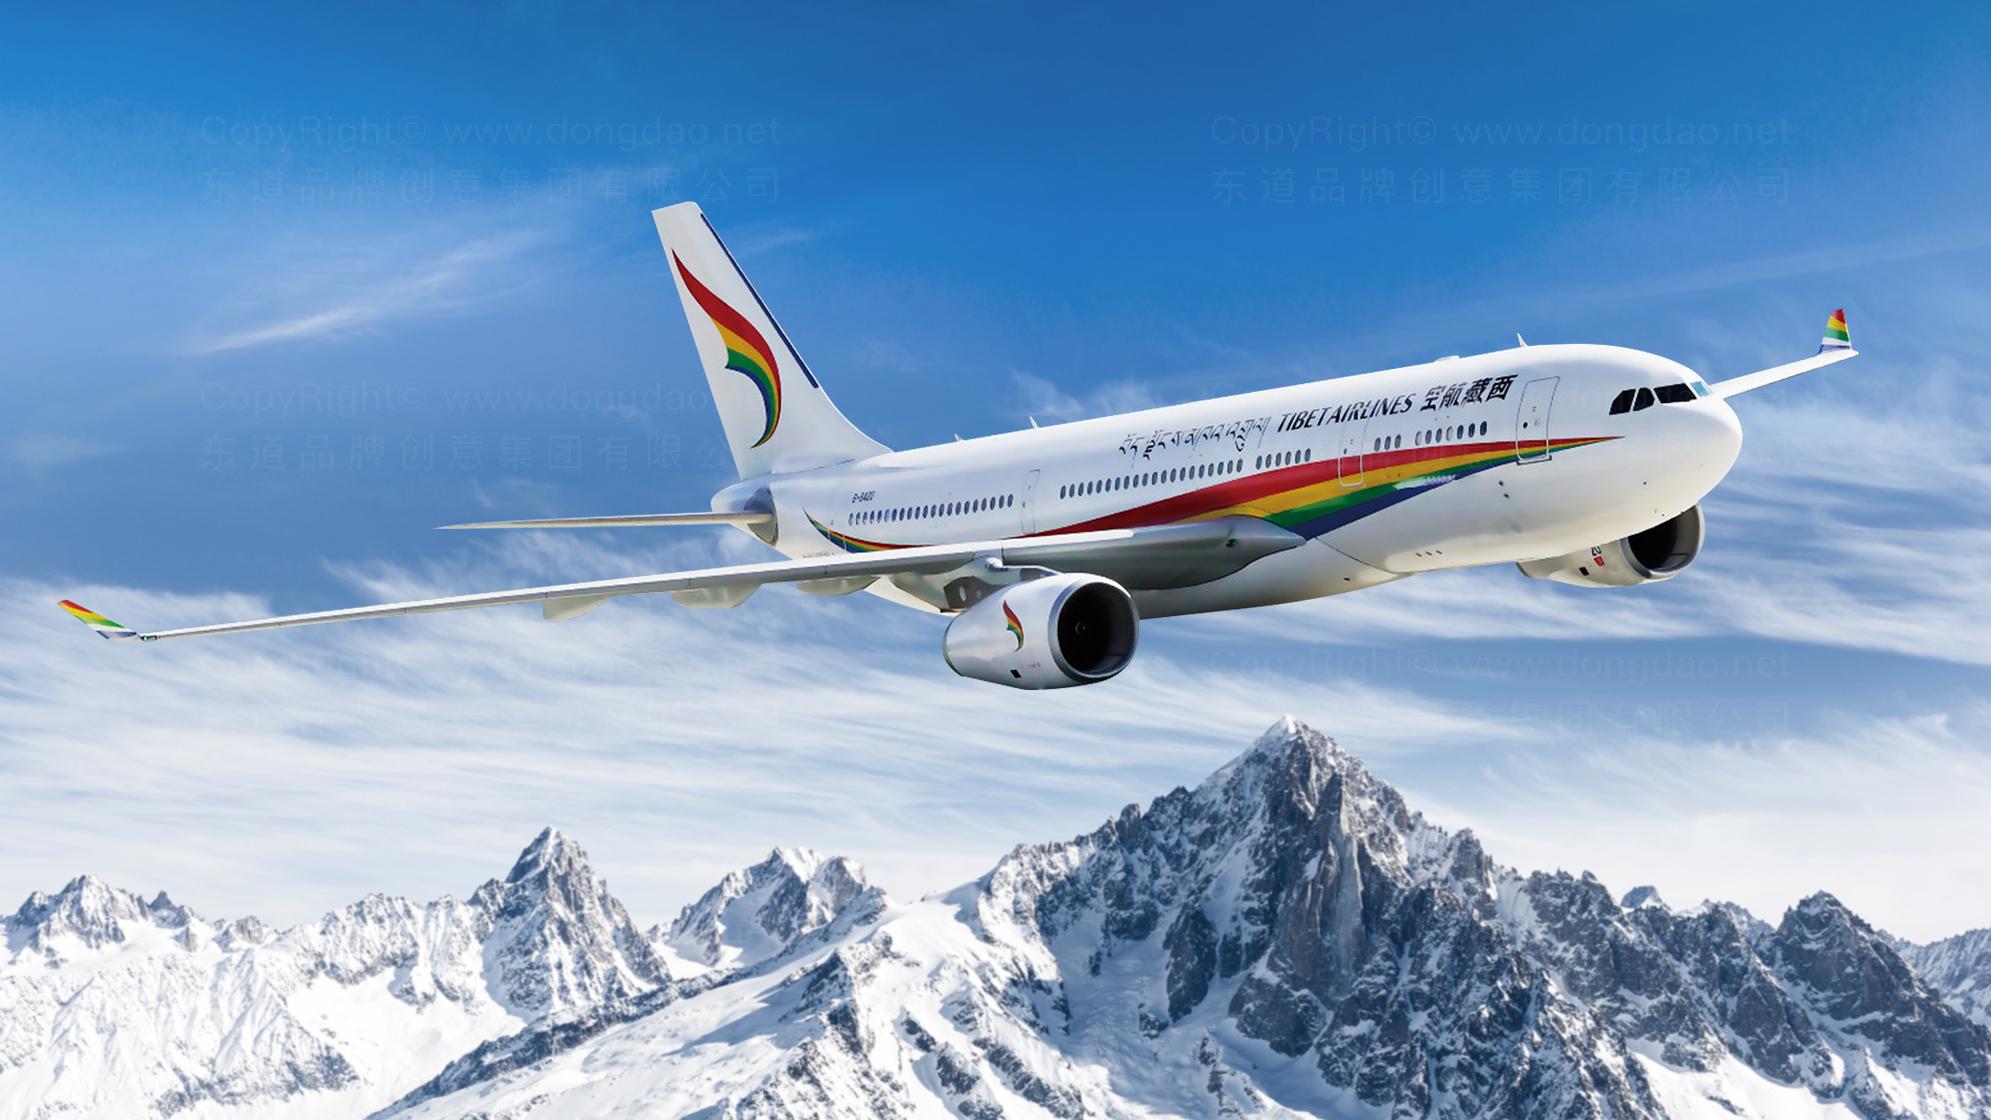 品牌设计西藏航空LOGO&VI设计应用场景_7